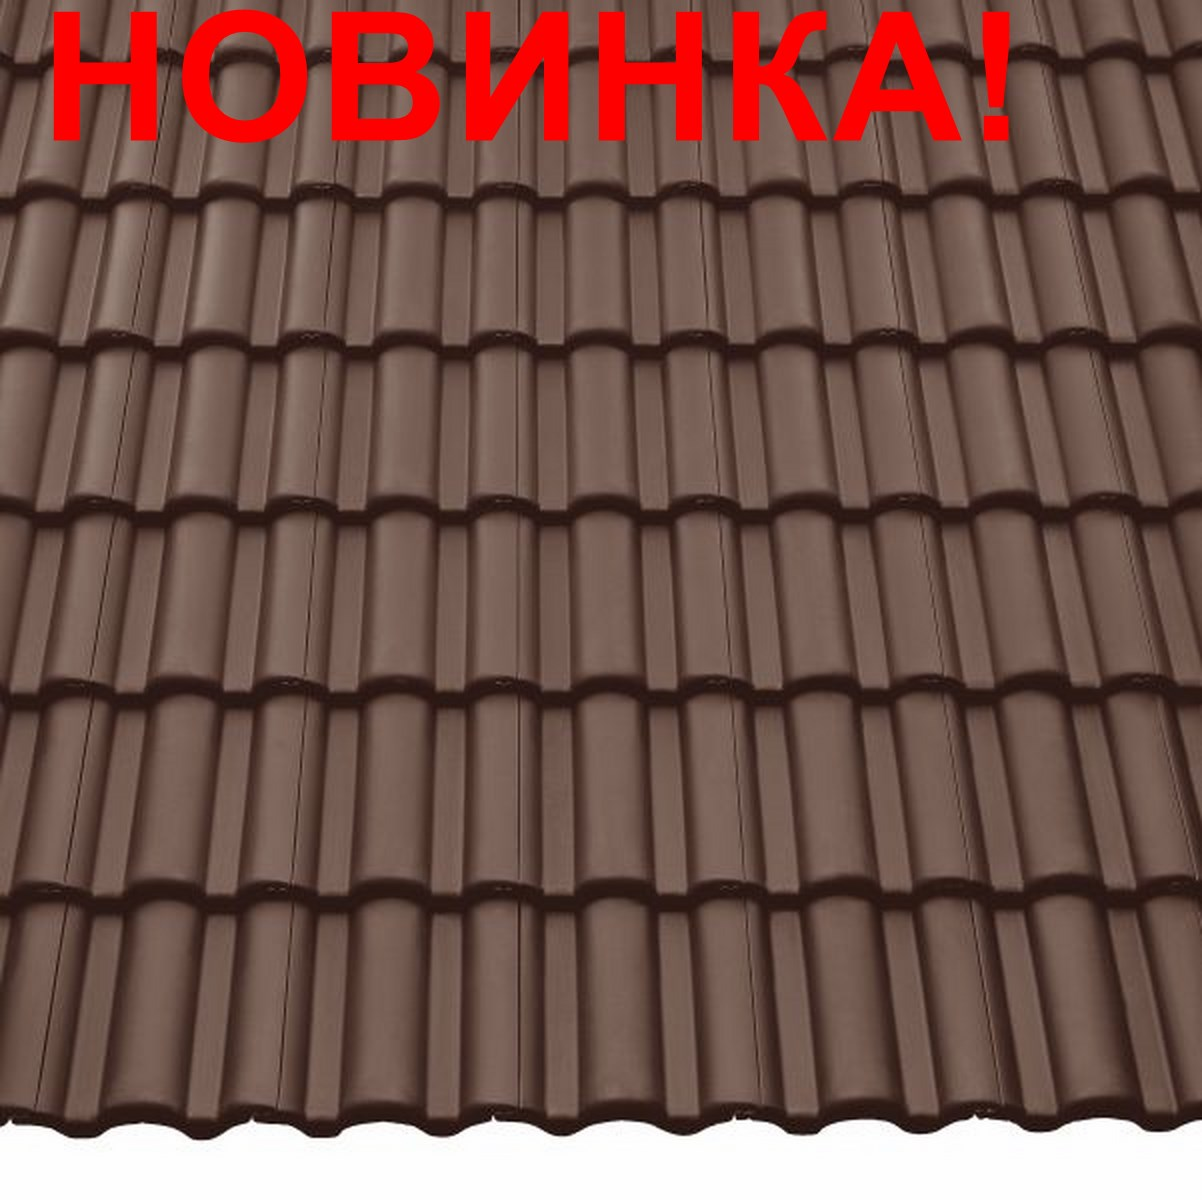 Deckfläche_TP_Dunkelbraun